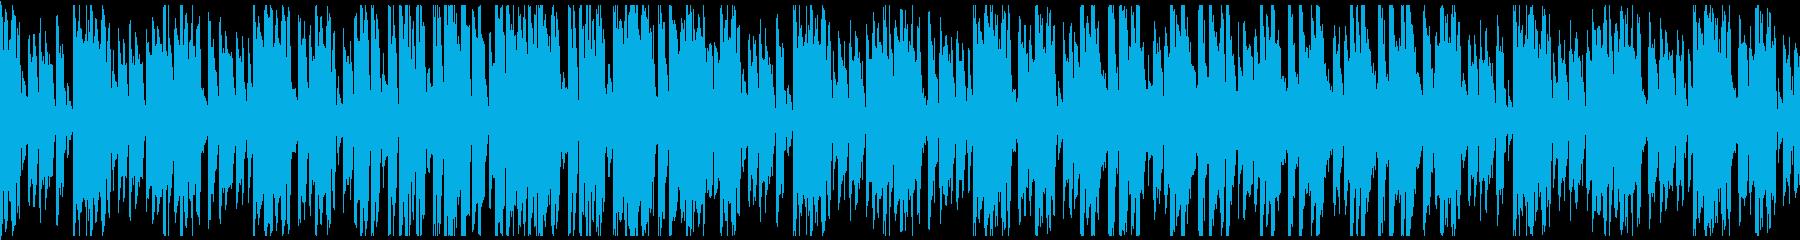 アラブ楽器を使ったエキゾチックな曲の再生済みの波形